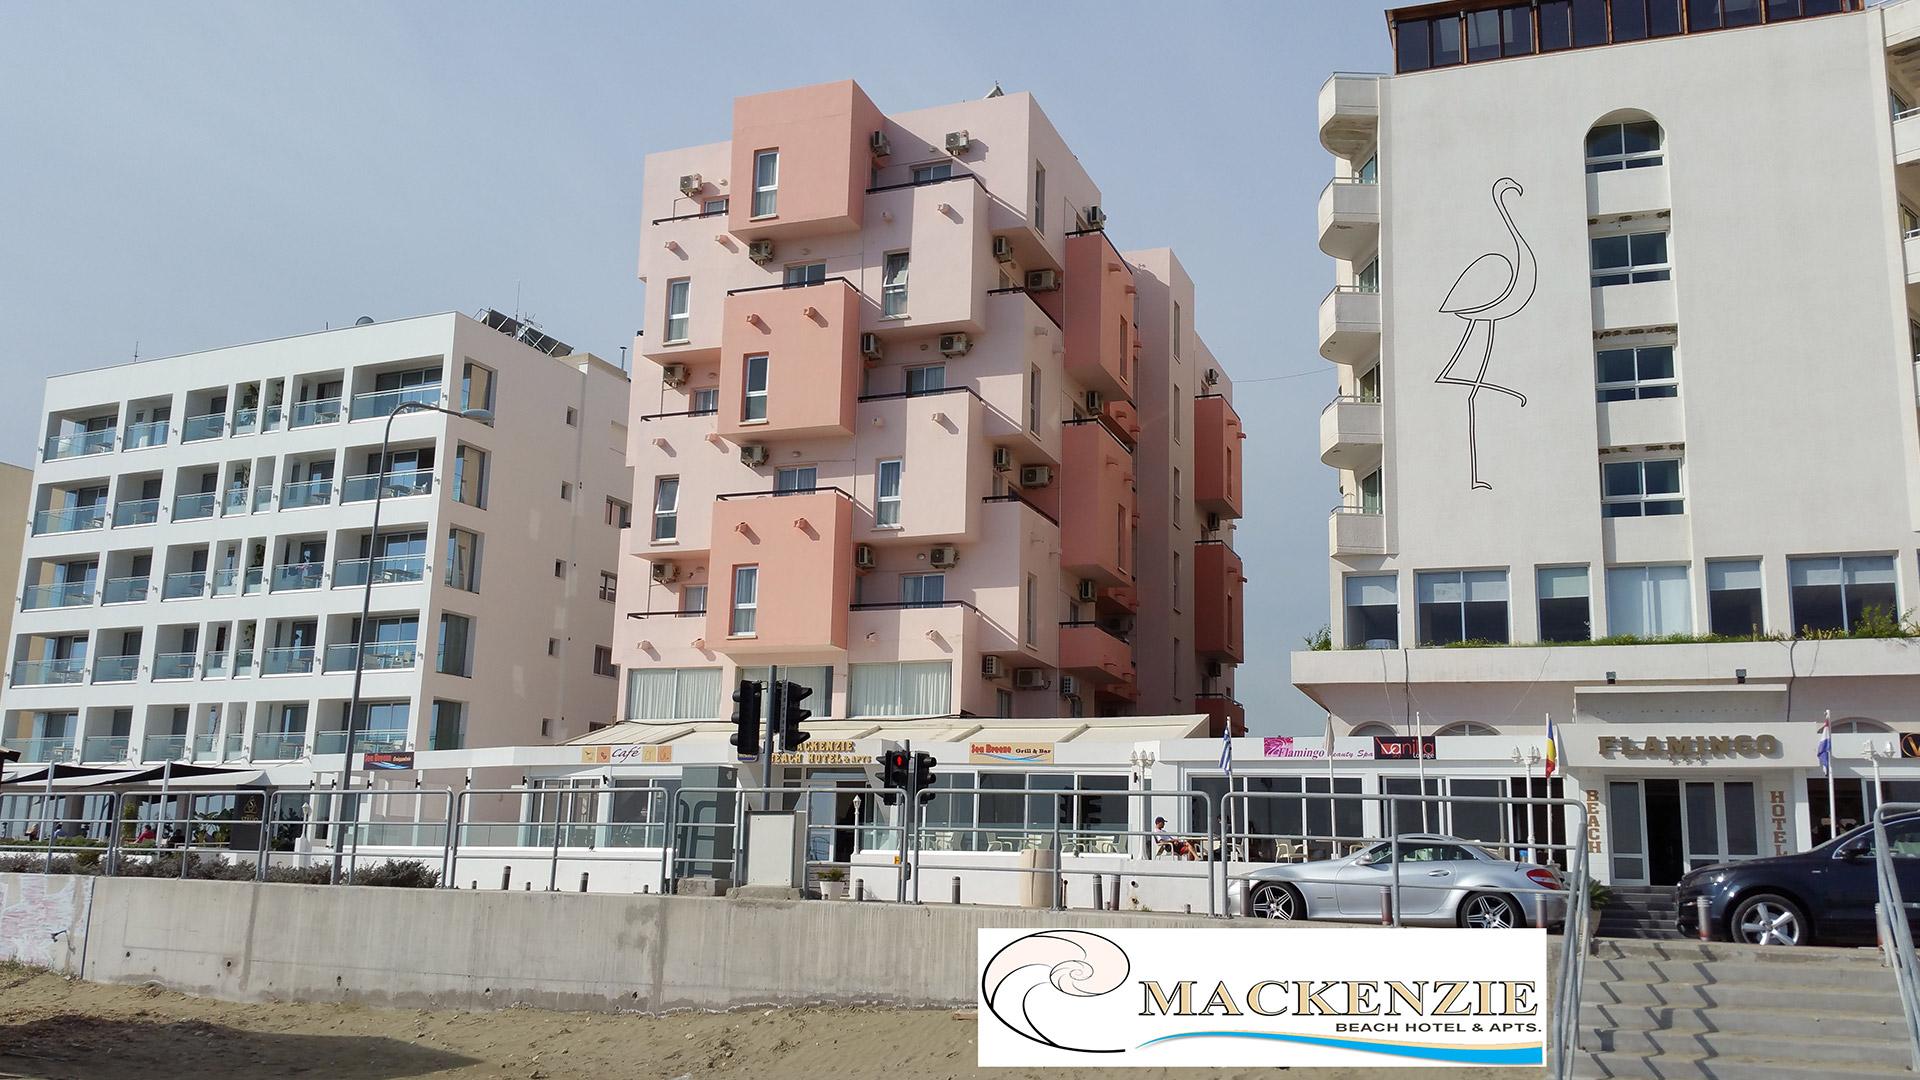 Mackenzie Home 2